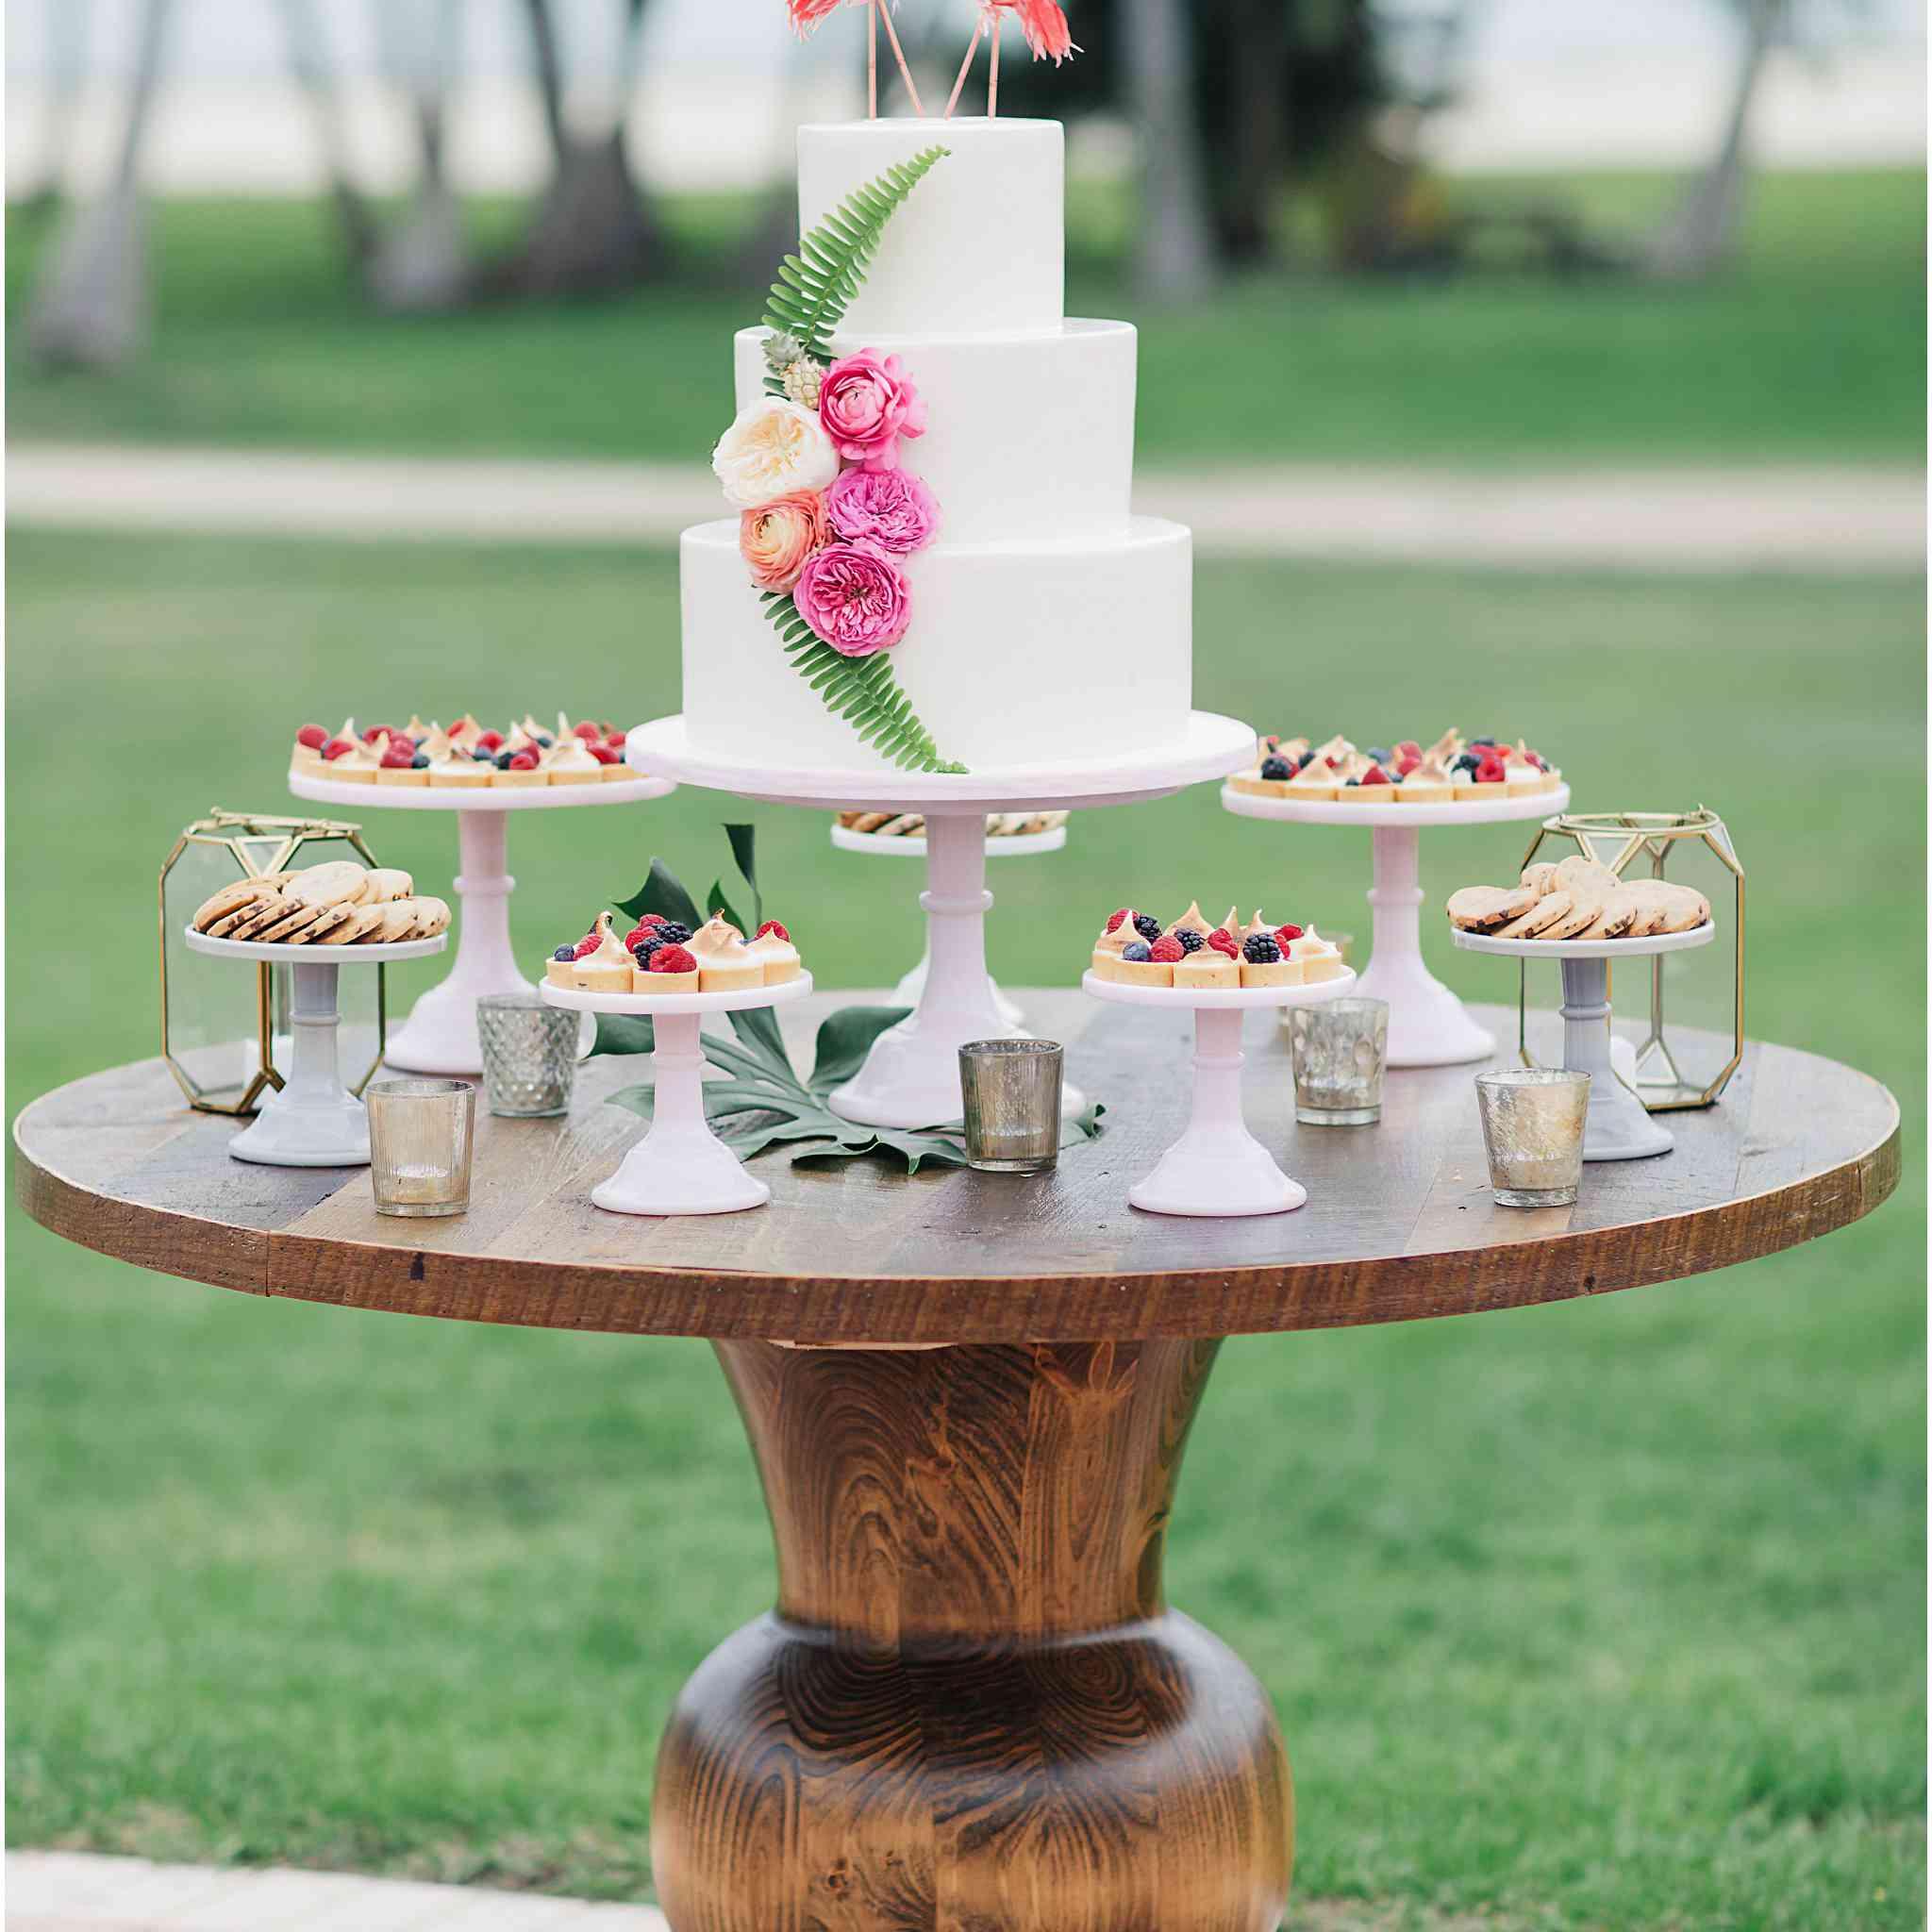 White Wedding Cake with Flamingo Cake Topper